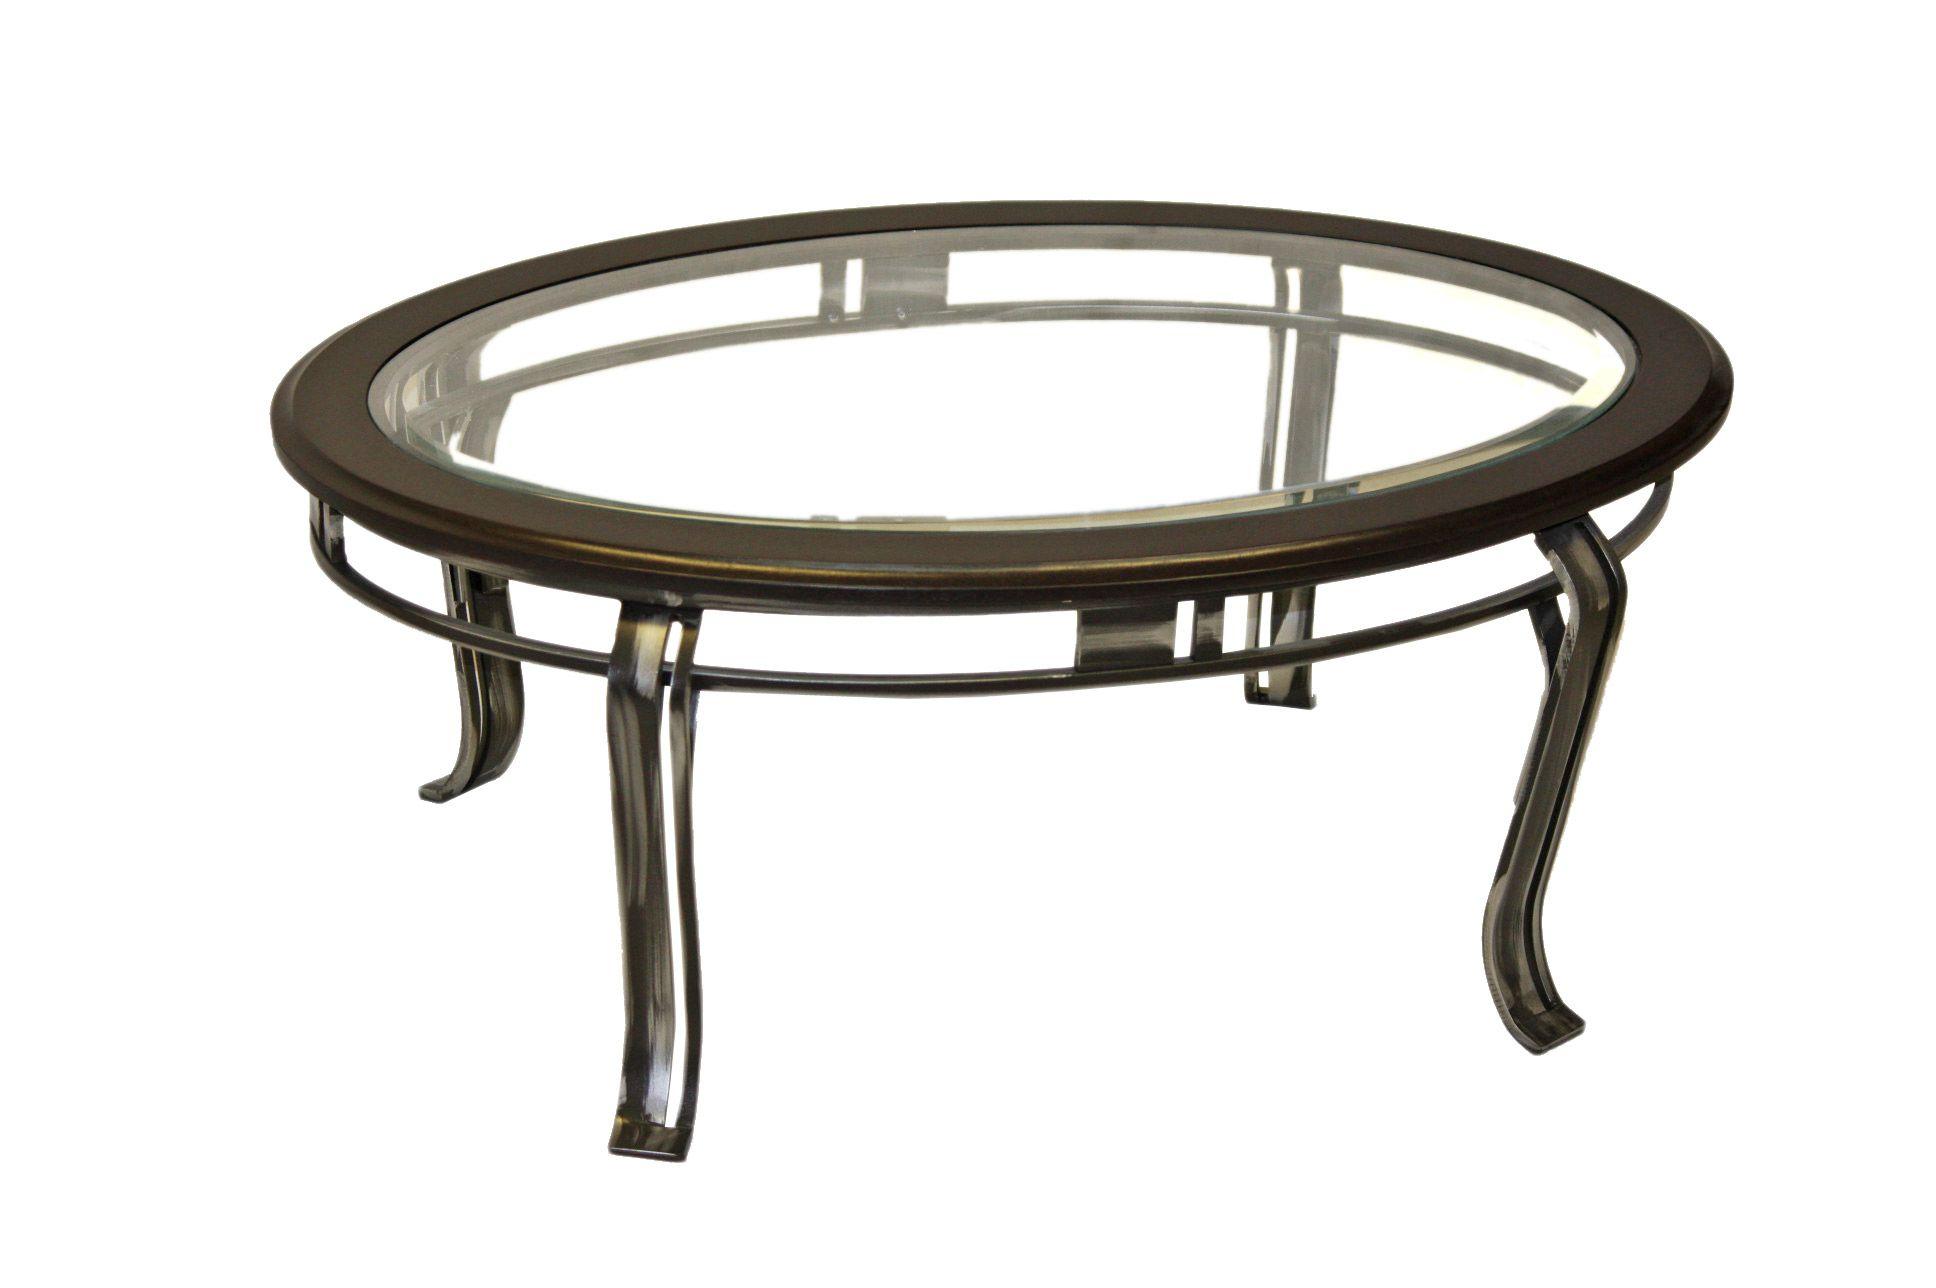 Table De Centre Table Living Room Acier Steel Meuble  # Meuble Living En Bois